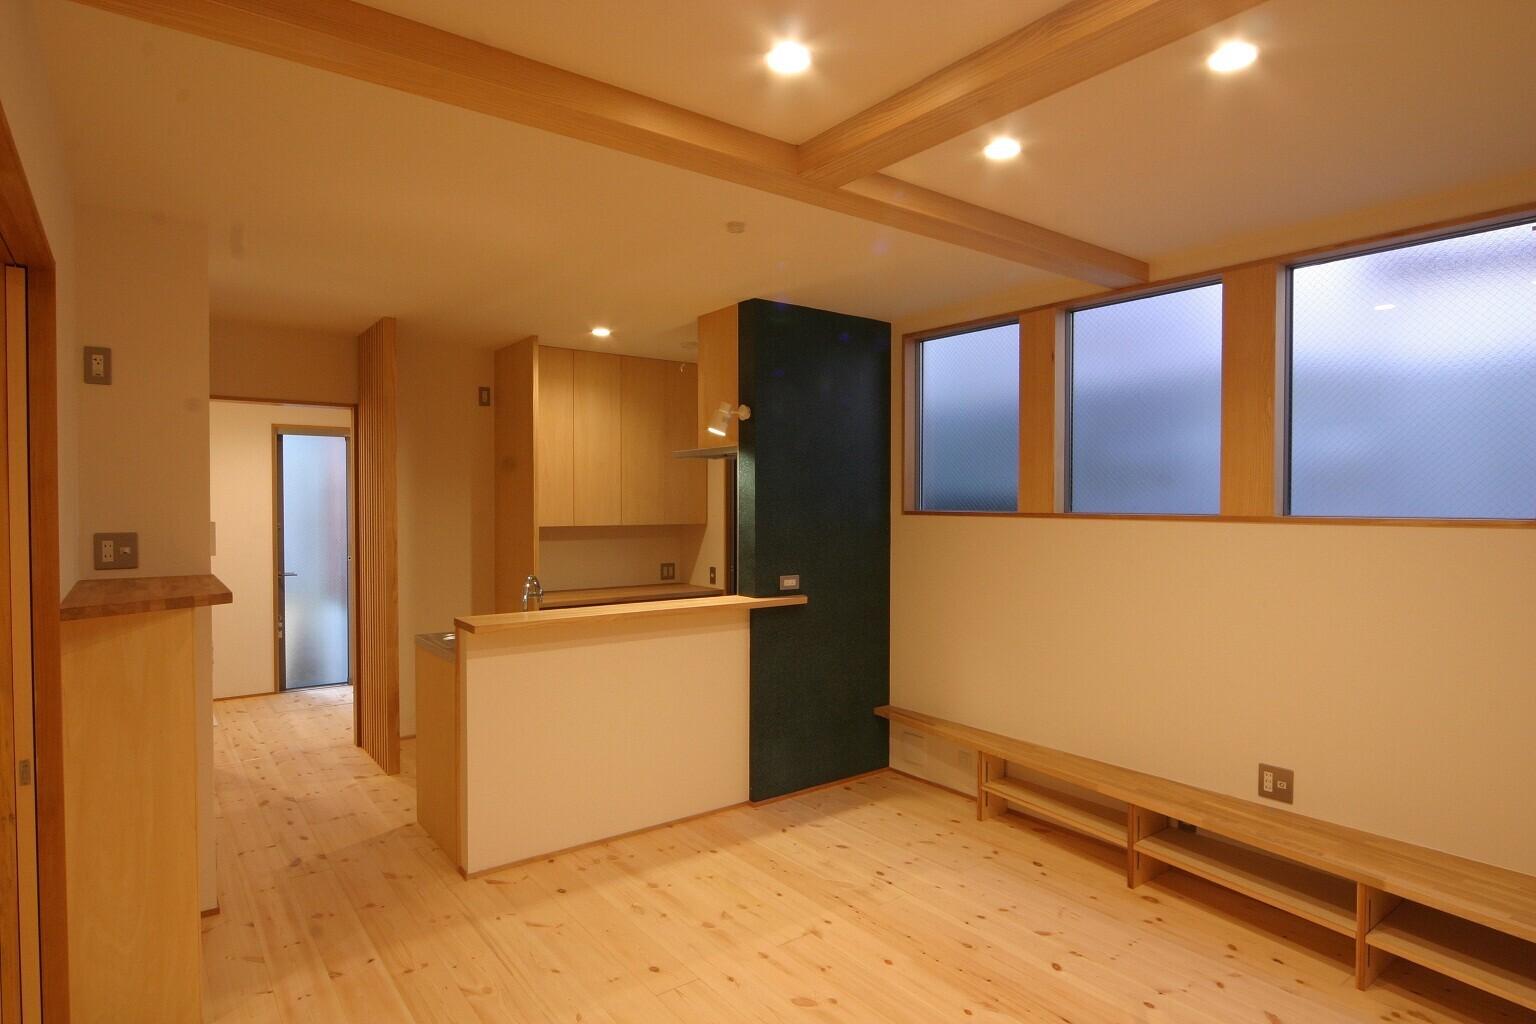 個室から繋がる、プライバシー確保したデッキバルコニーのある家の建築事例写真